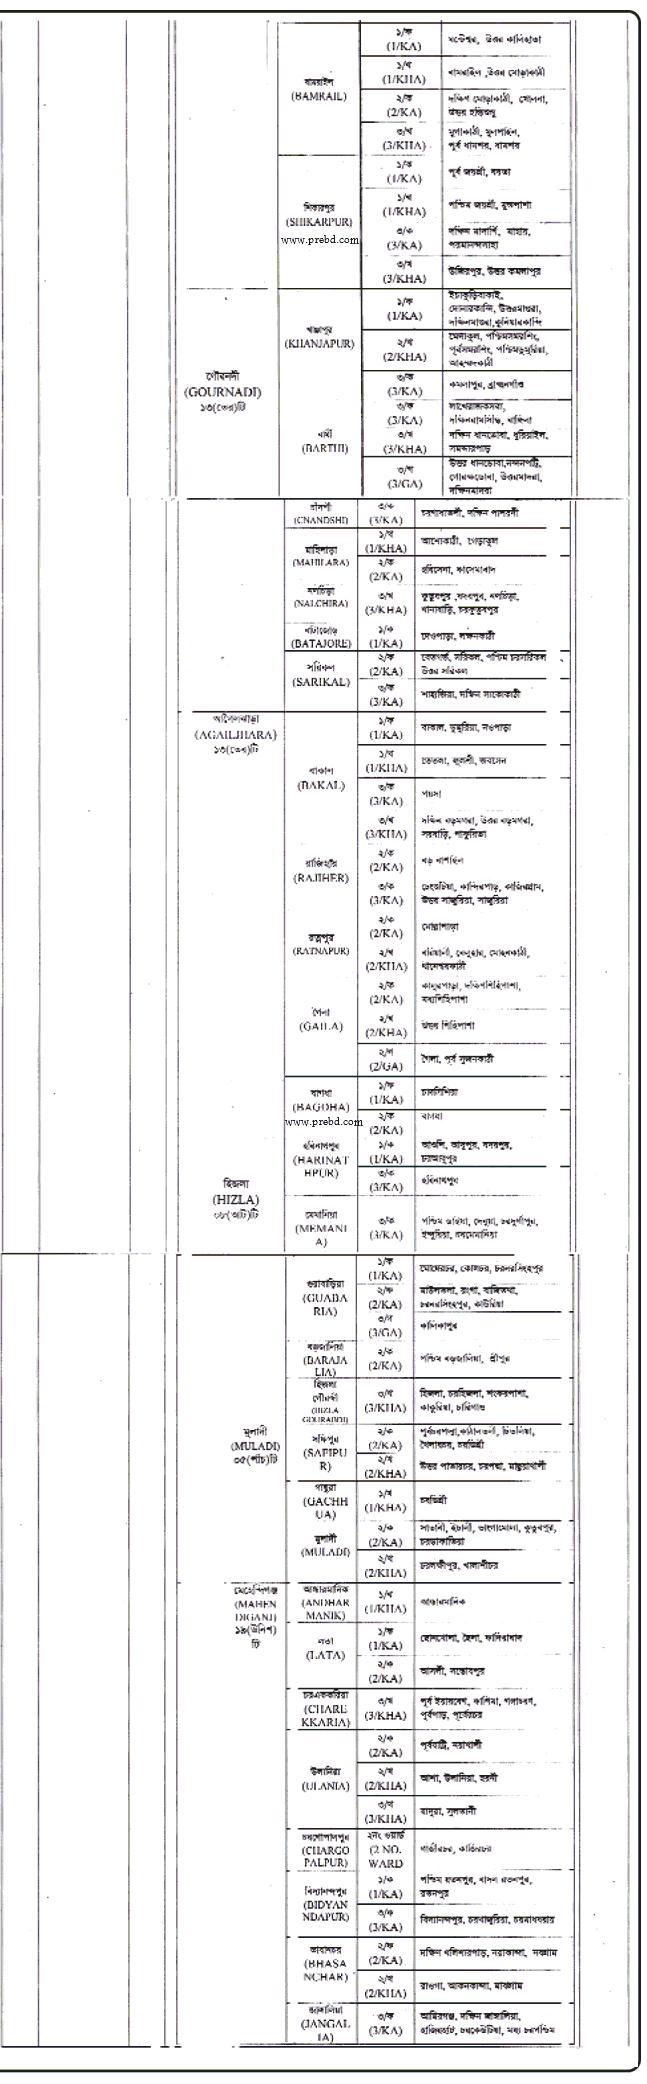 জেলা পরিবার পরিকল্পনা কার্যালয় নিয়োগ বিজ্ঞপ্তি